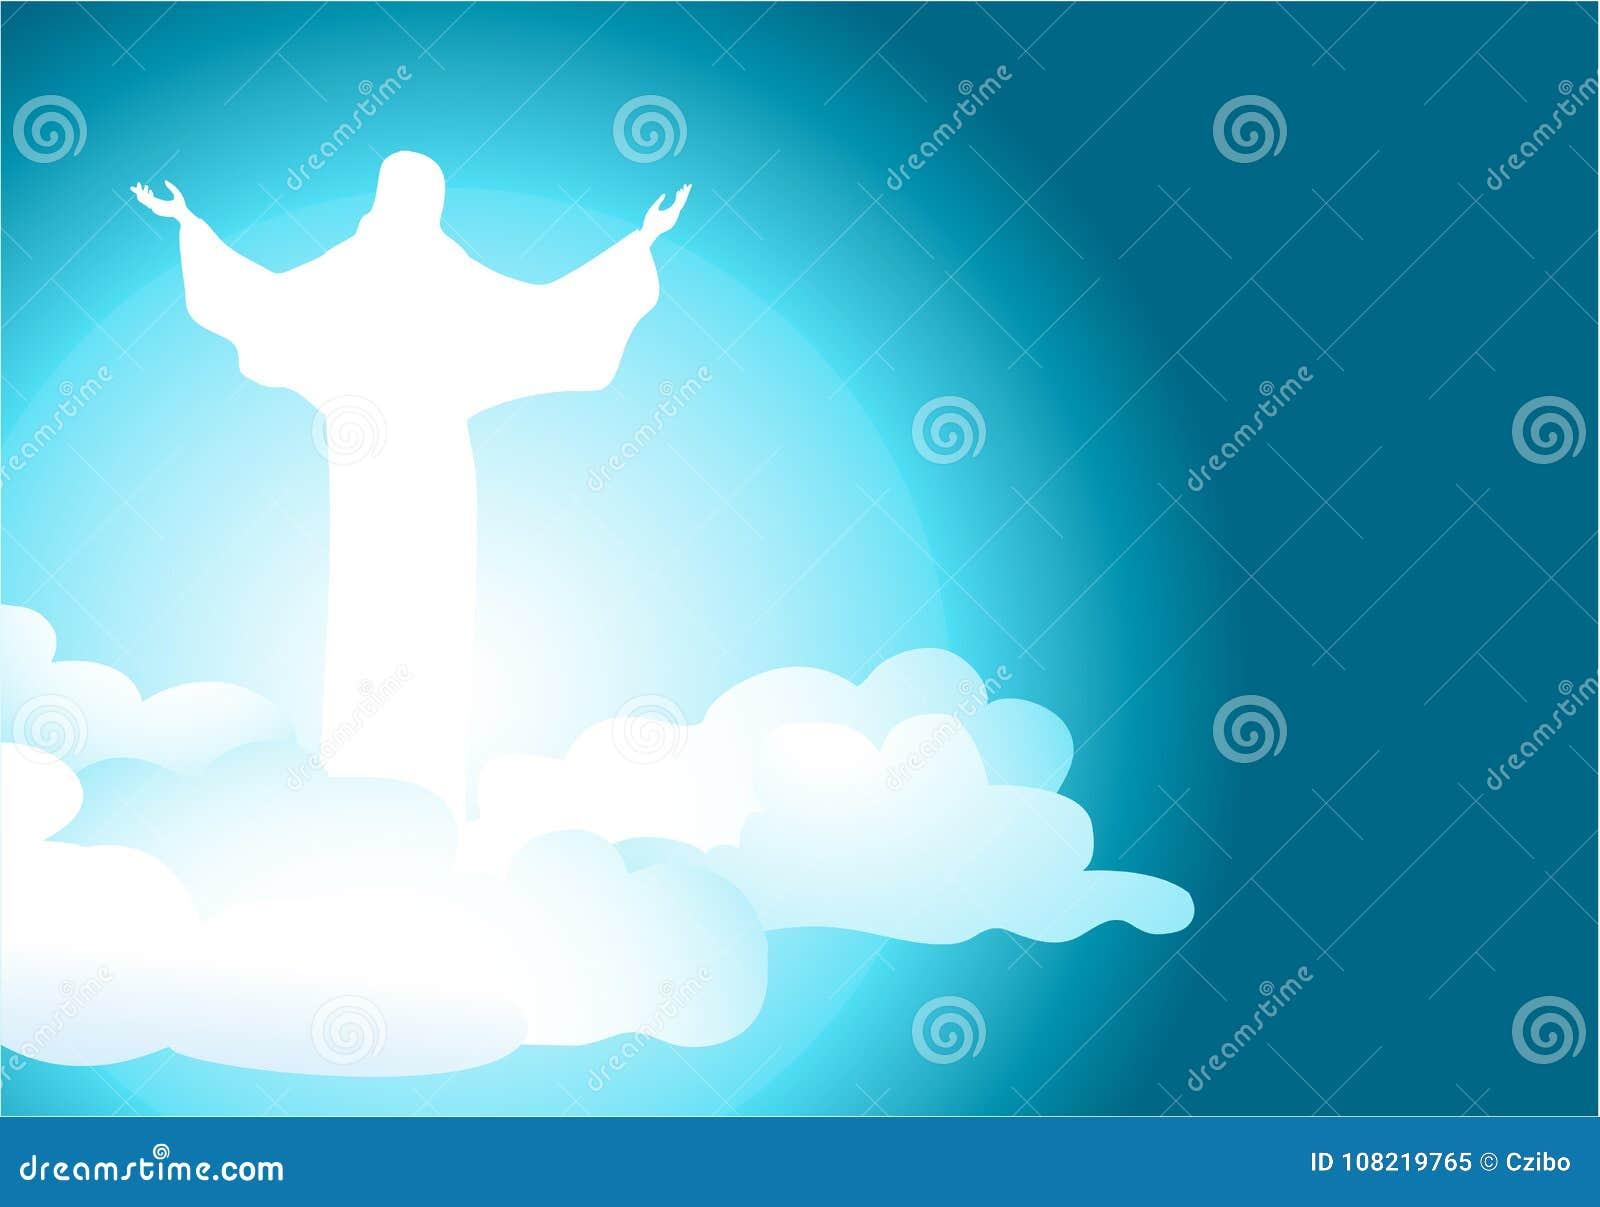 Fondo Abstracto Con Jesus Christ Resucitado Ilustración del Vector ...